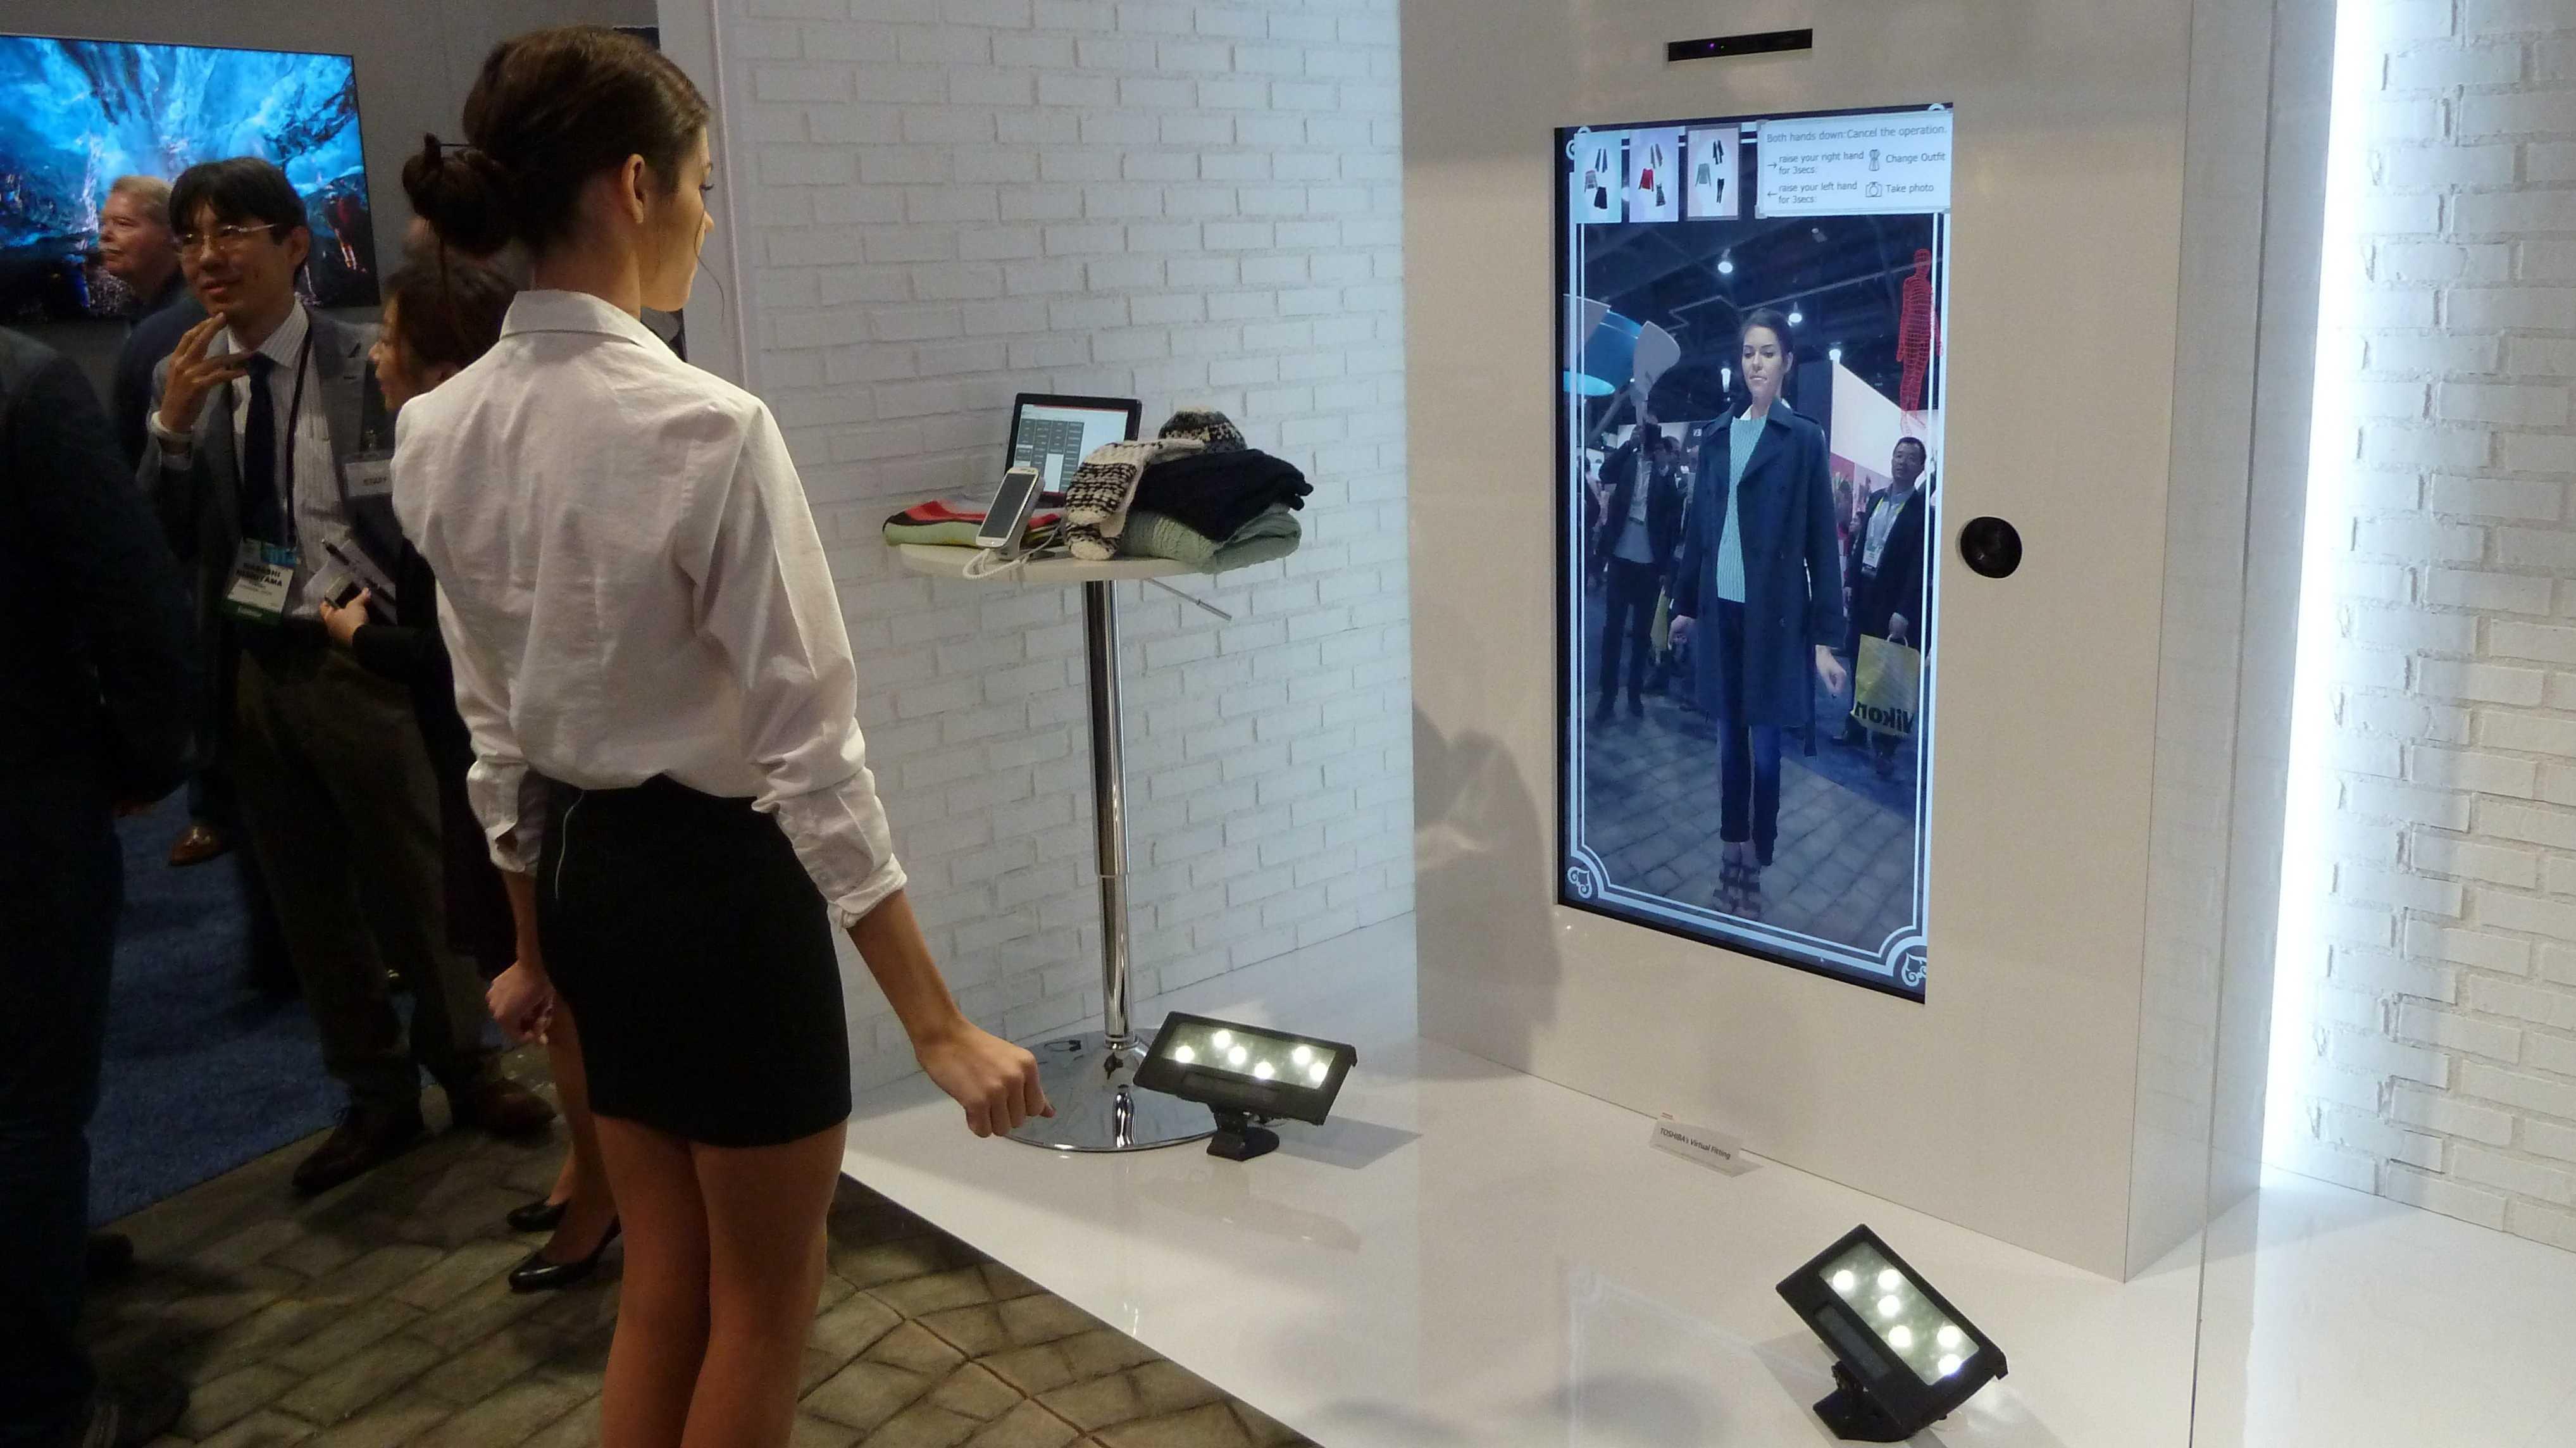 CES: Digitale Umkleide für den online-Einkauf